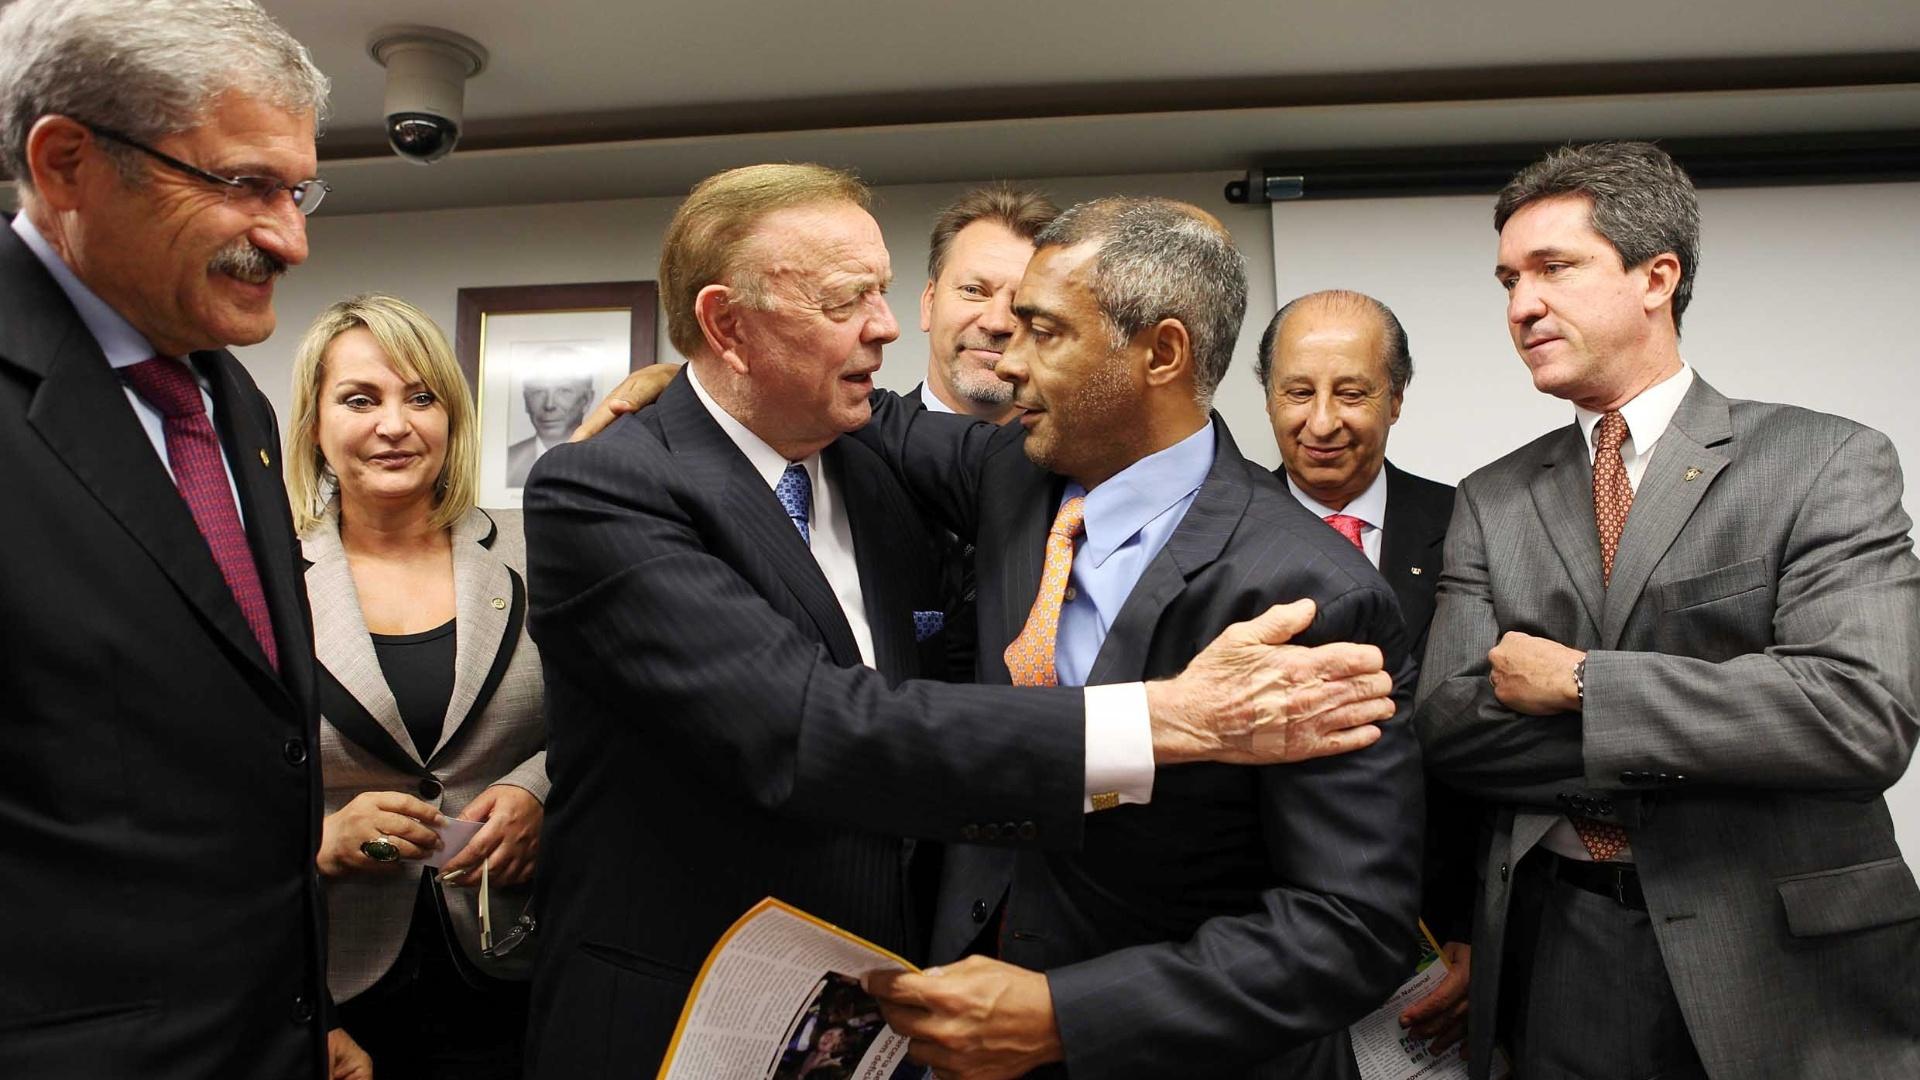 Romário cumprimenta José Maria Marin em visita do presidente da CBF ao Congresso